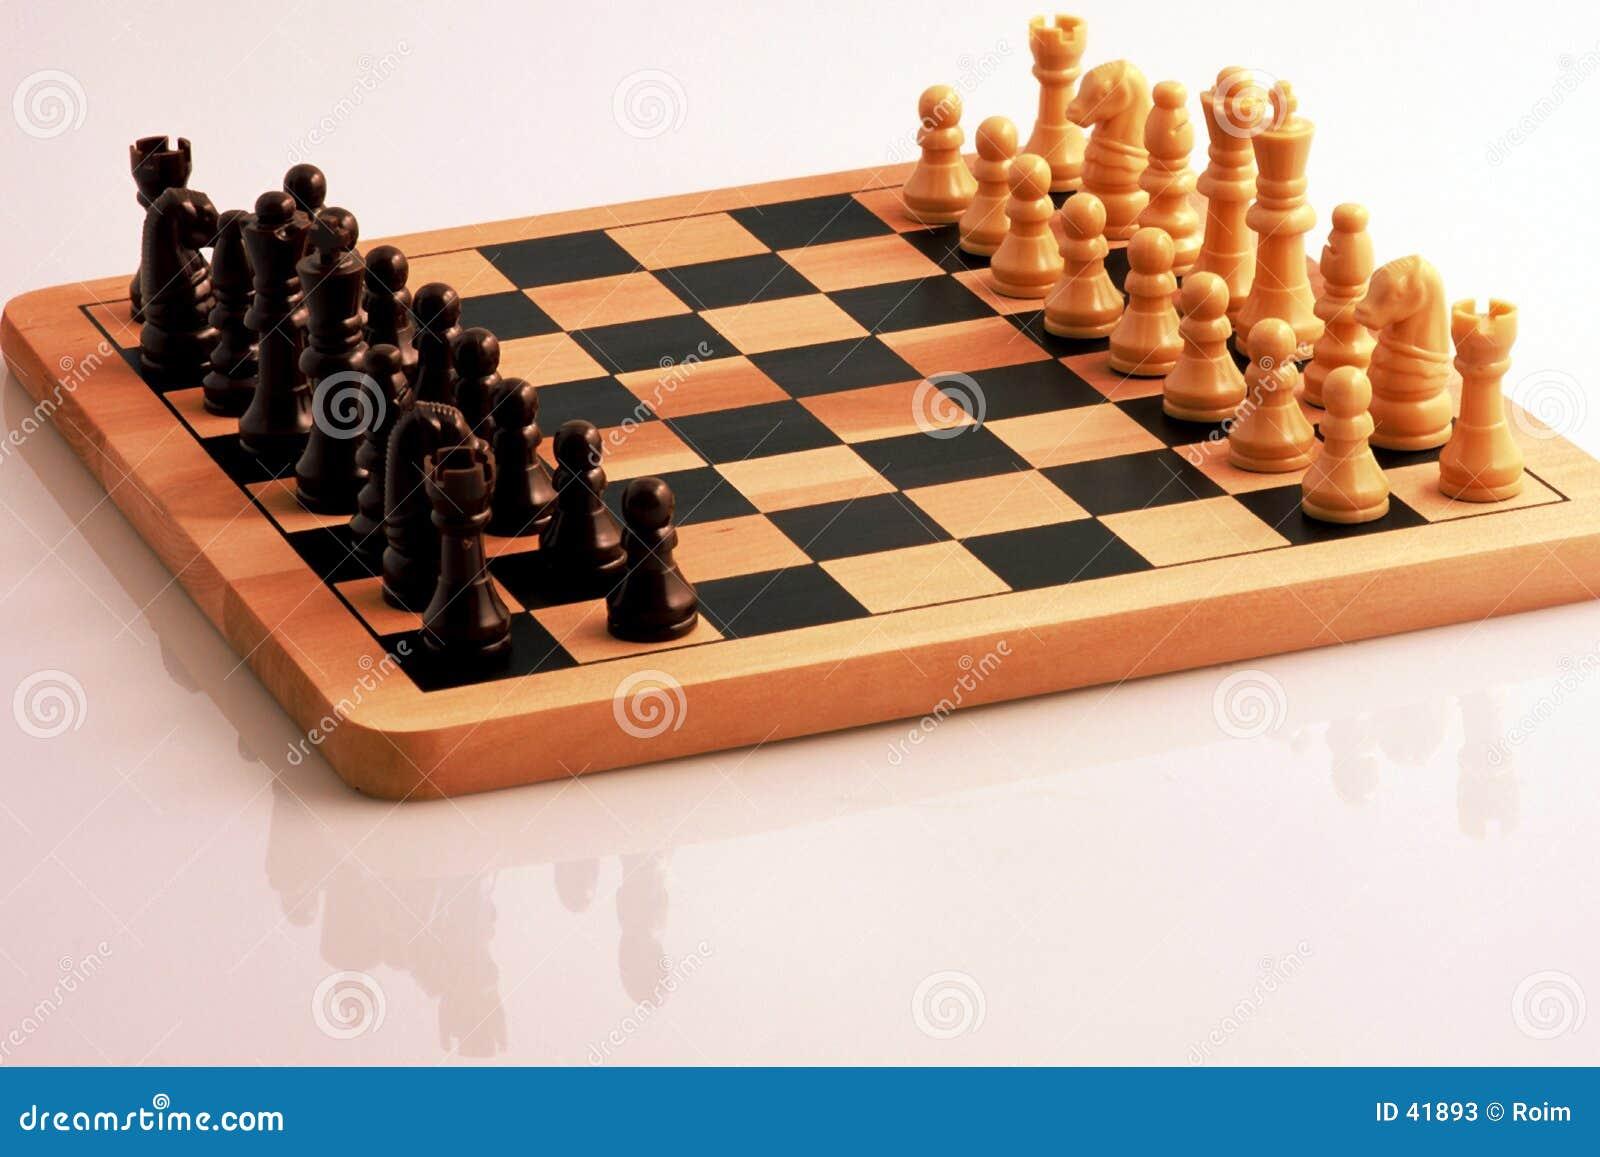 Download Schach-Set stockbild. Bild von weiß, schwarzes, schach, stücke - 41893